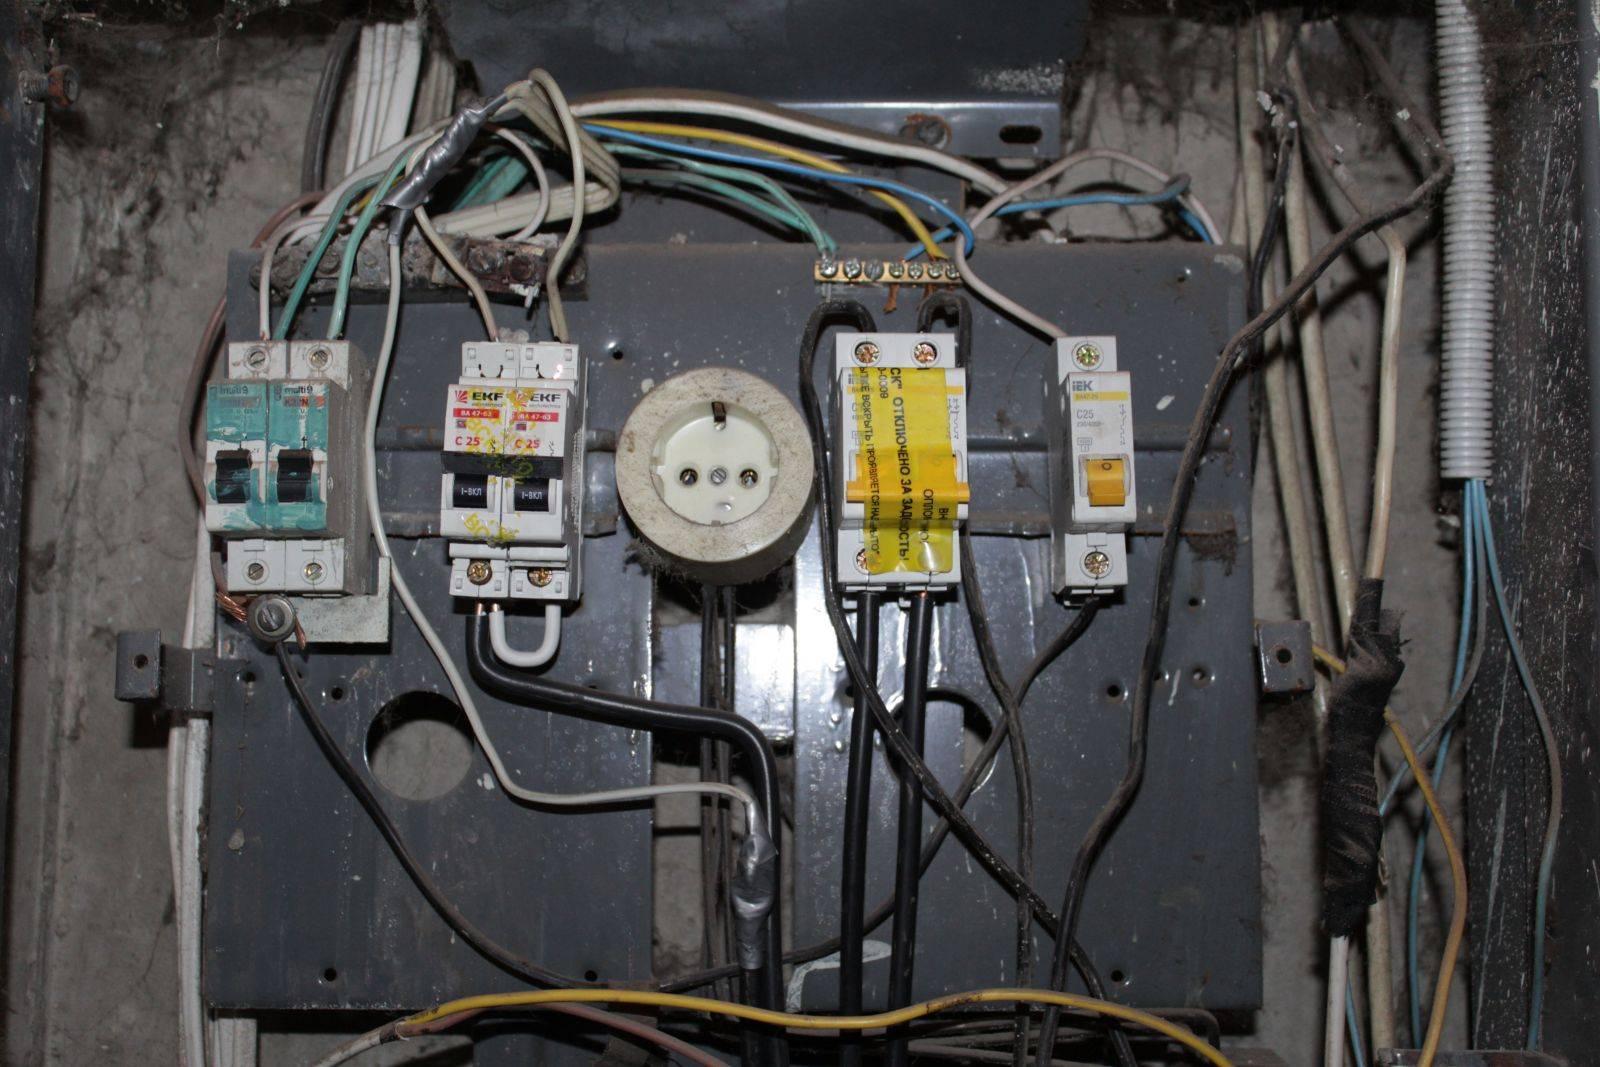 Какой провод отрезать в щитке, чтобы у соседей пропал свет? (видео)